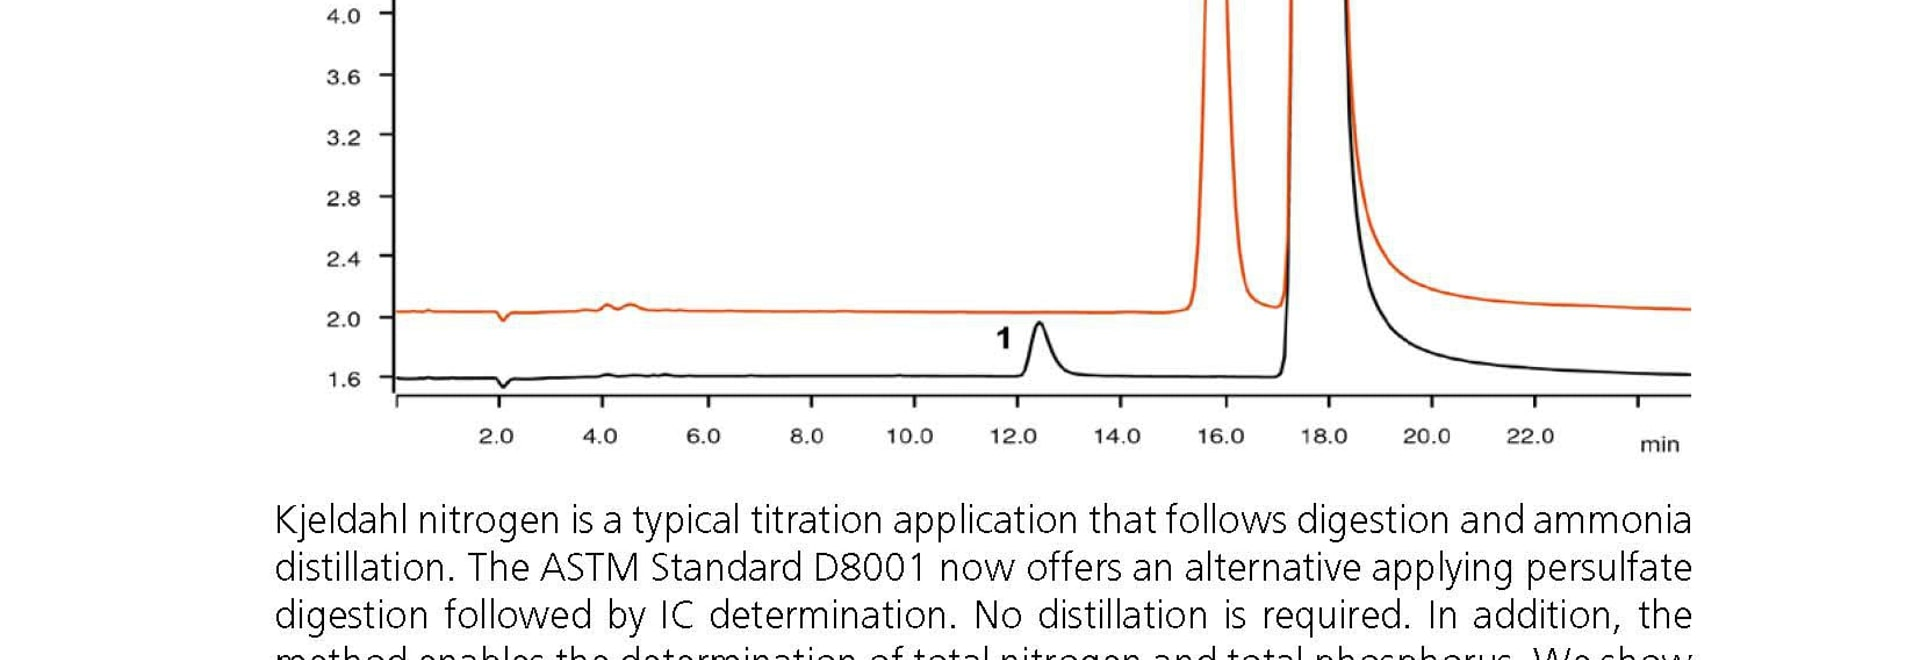 Neue ASTM Methode vereinfacht die Stickstoffbestimmung nach Kjeldahl